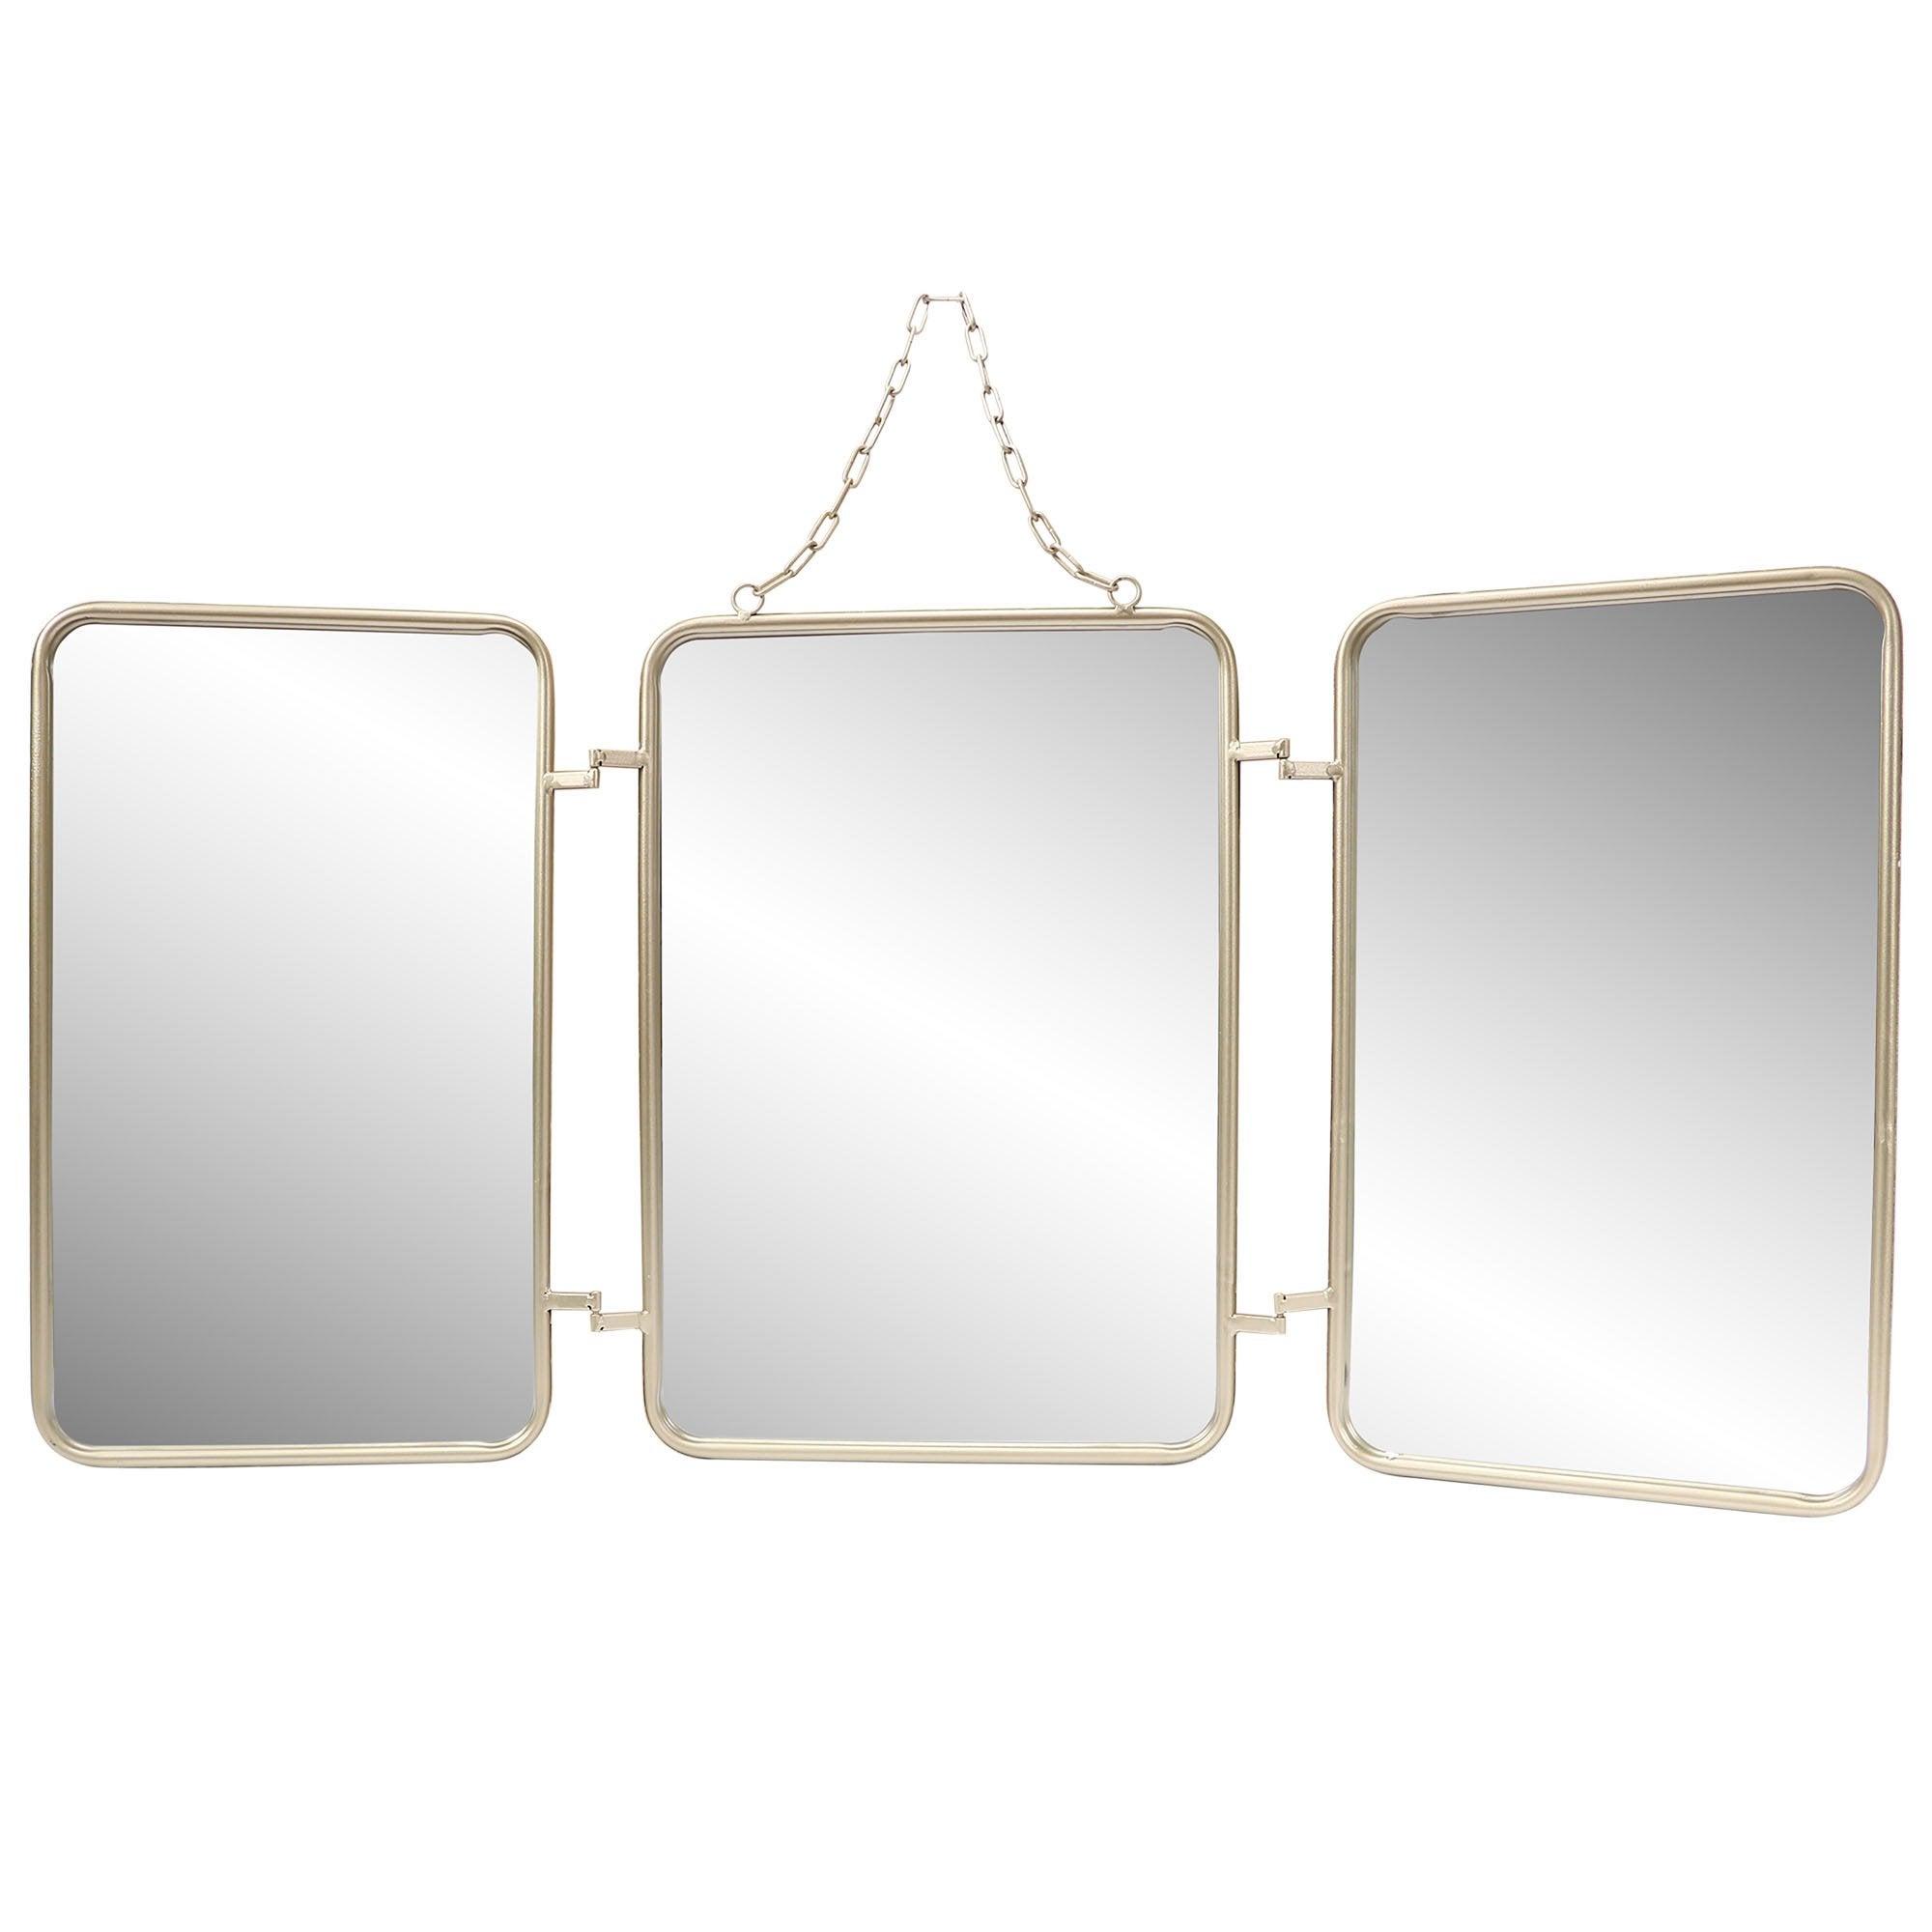 Miroir rectangulaire Barbier triptyque, argent, l.105 x H.50 cm